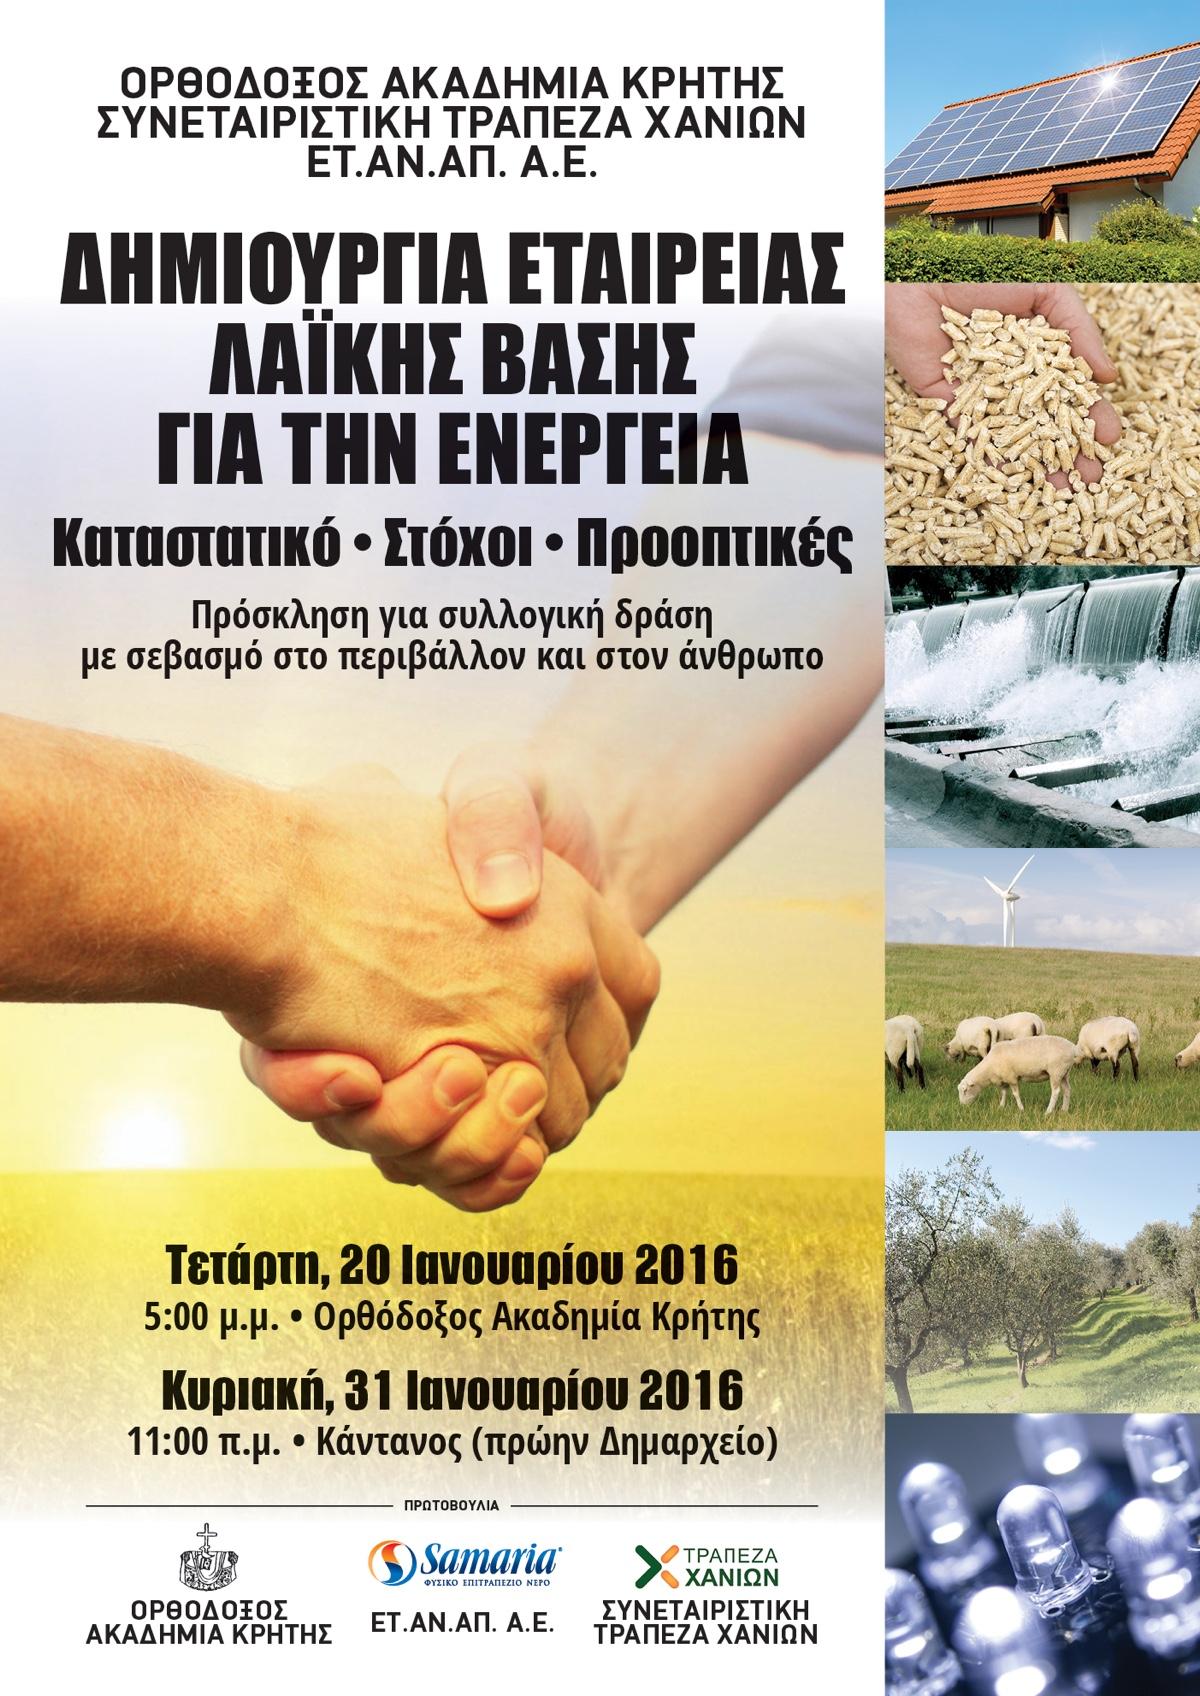 ΟΡΘΟΔΟΞΙΑ INFO Ι Ίδρυση Εταιρείας Λαϊκής Βάσης για την ενέργεια στην Ορθόδοξο Ακαδημία Κρήτης